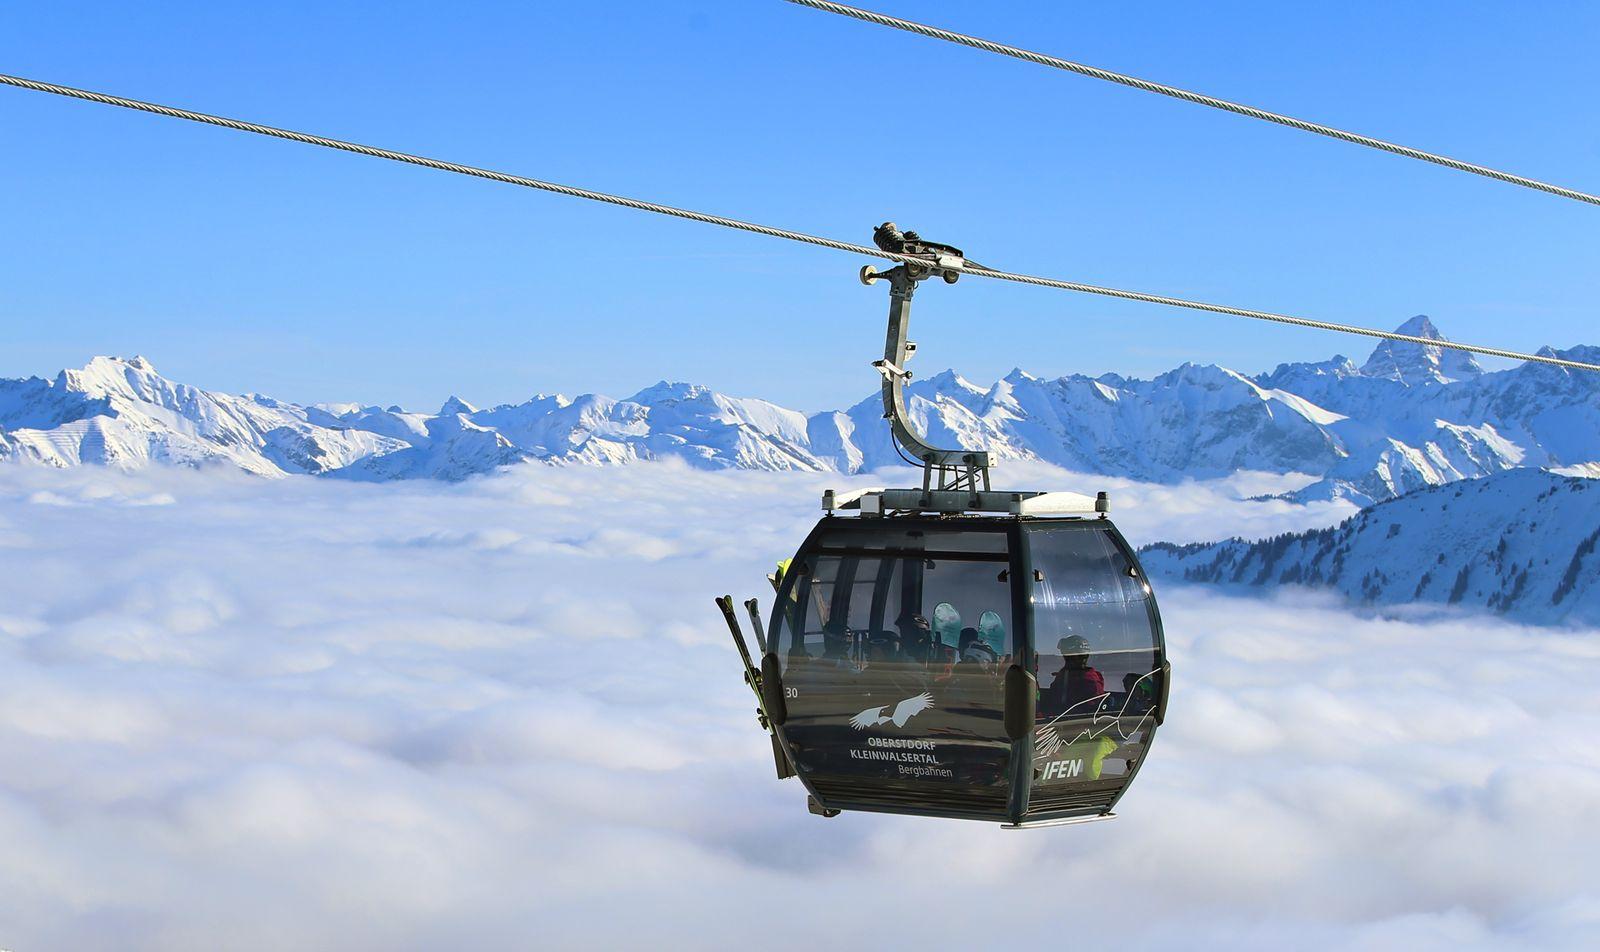 Skisaison in Österreich startet